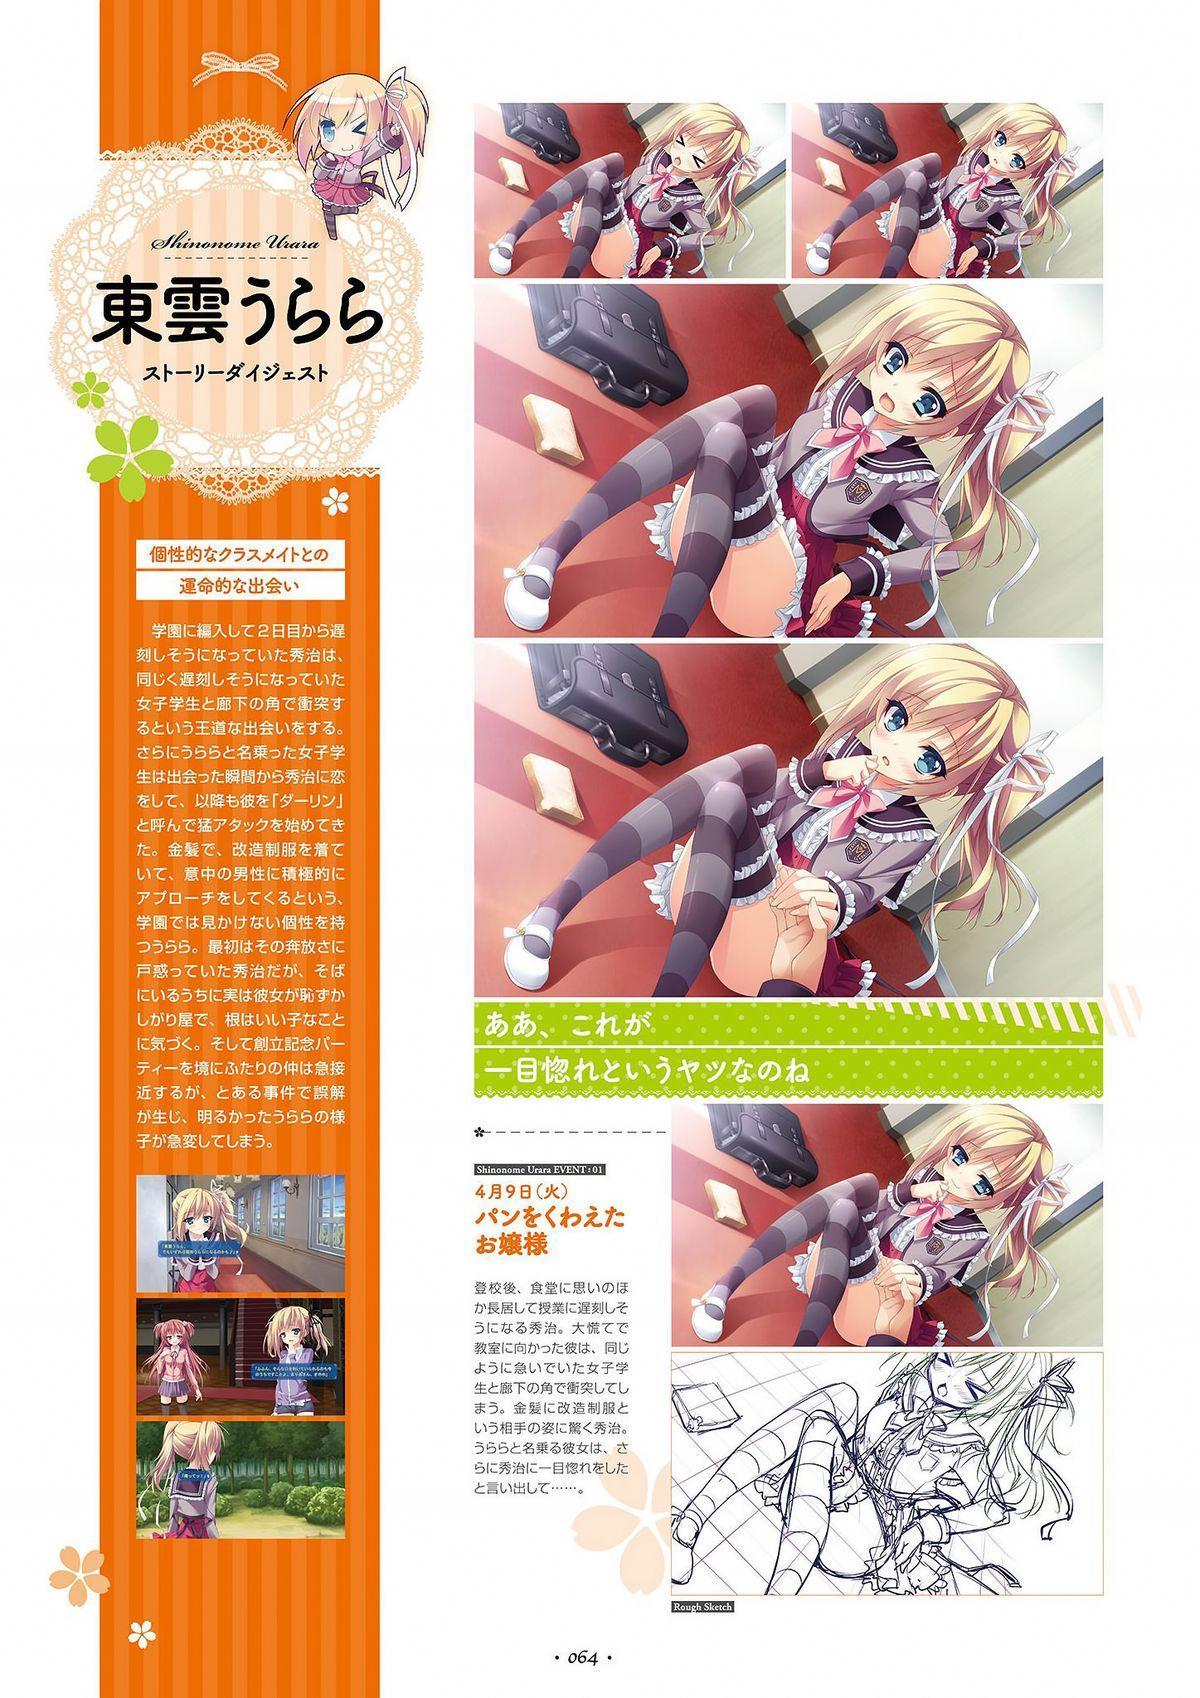 Shukufuku no Kane no Oto wa, Sakura-iro no Kaze to Tomo ni Visual Fanbook 65